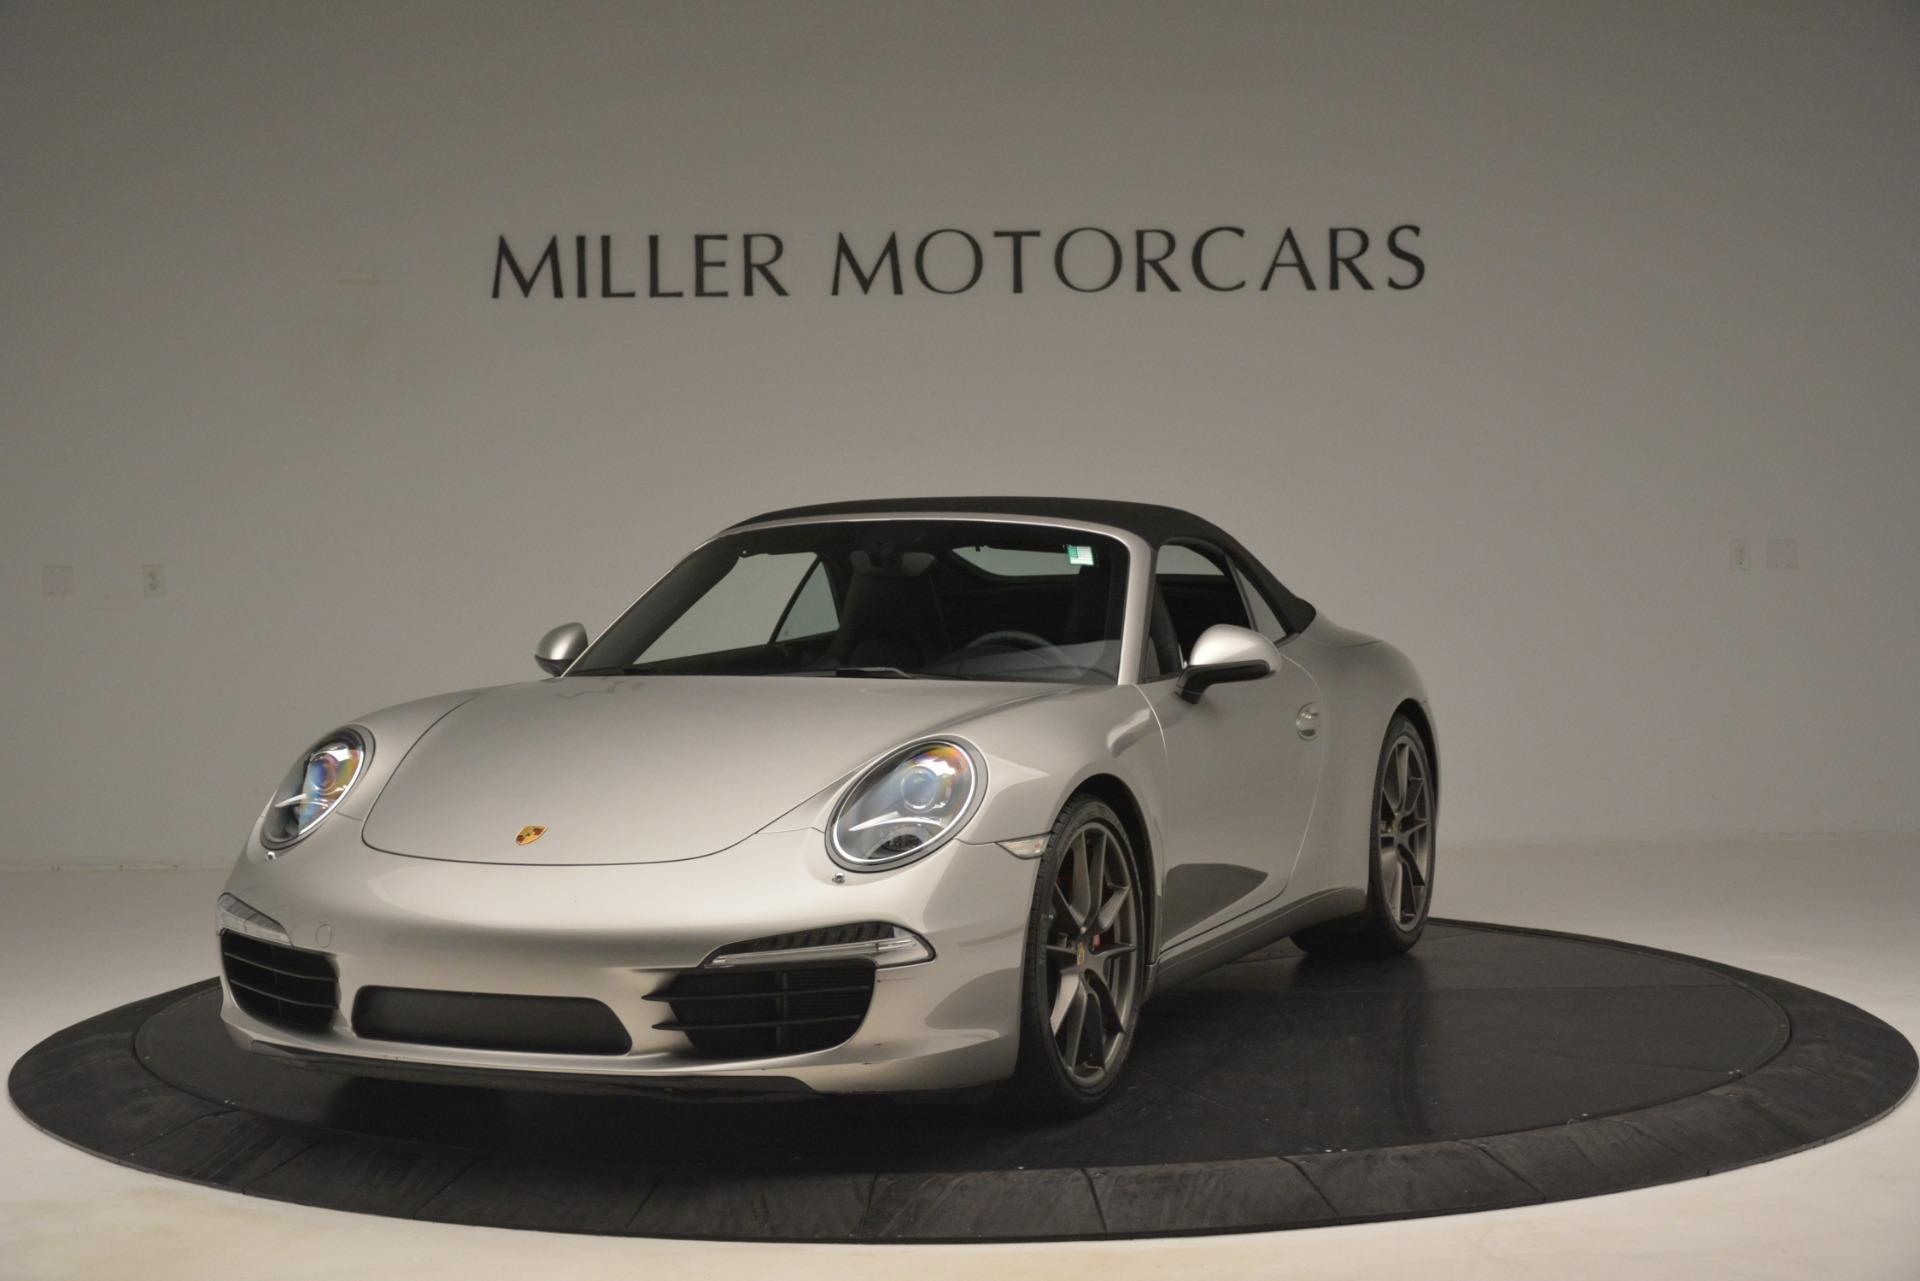 Used 2013 Porsche 911 Carrera S For Sale In Greenwich, CT 3107_p14